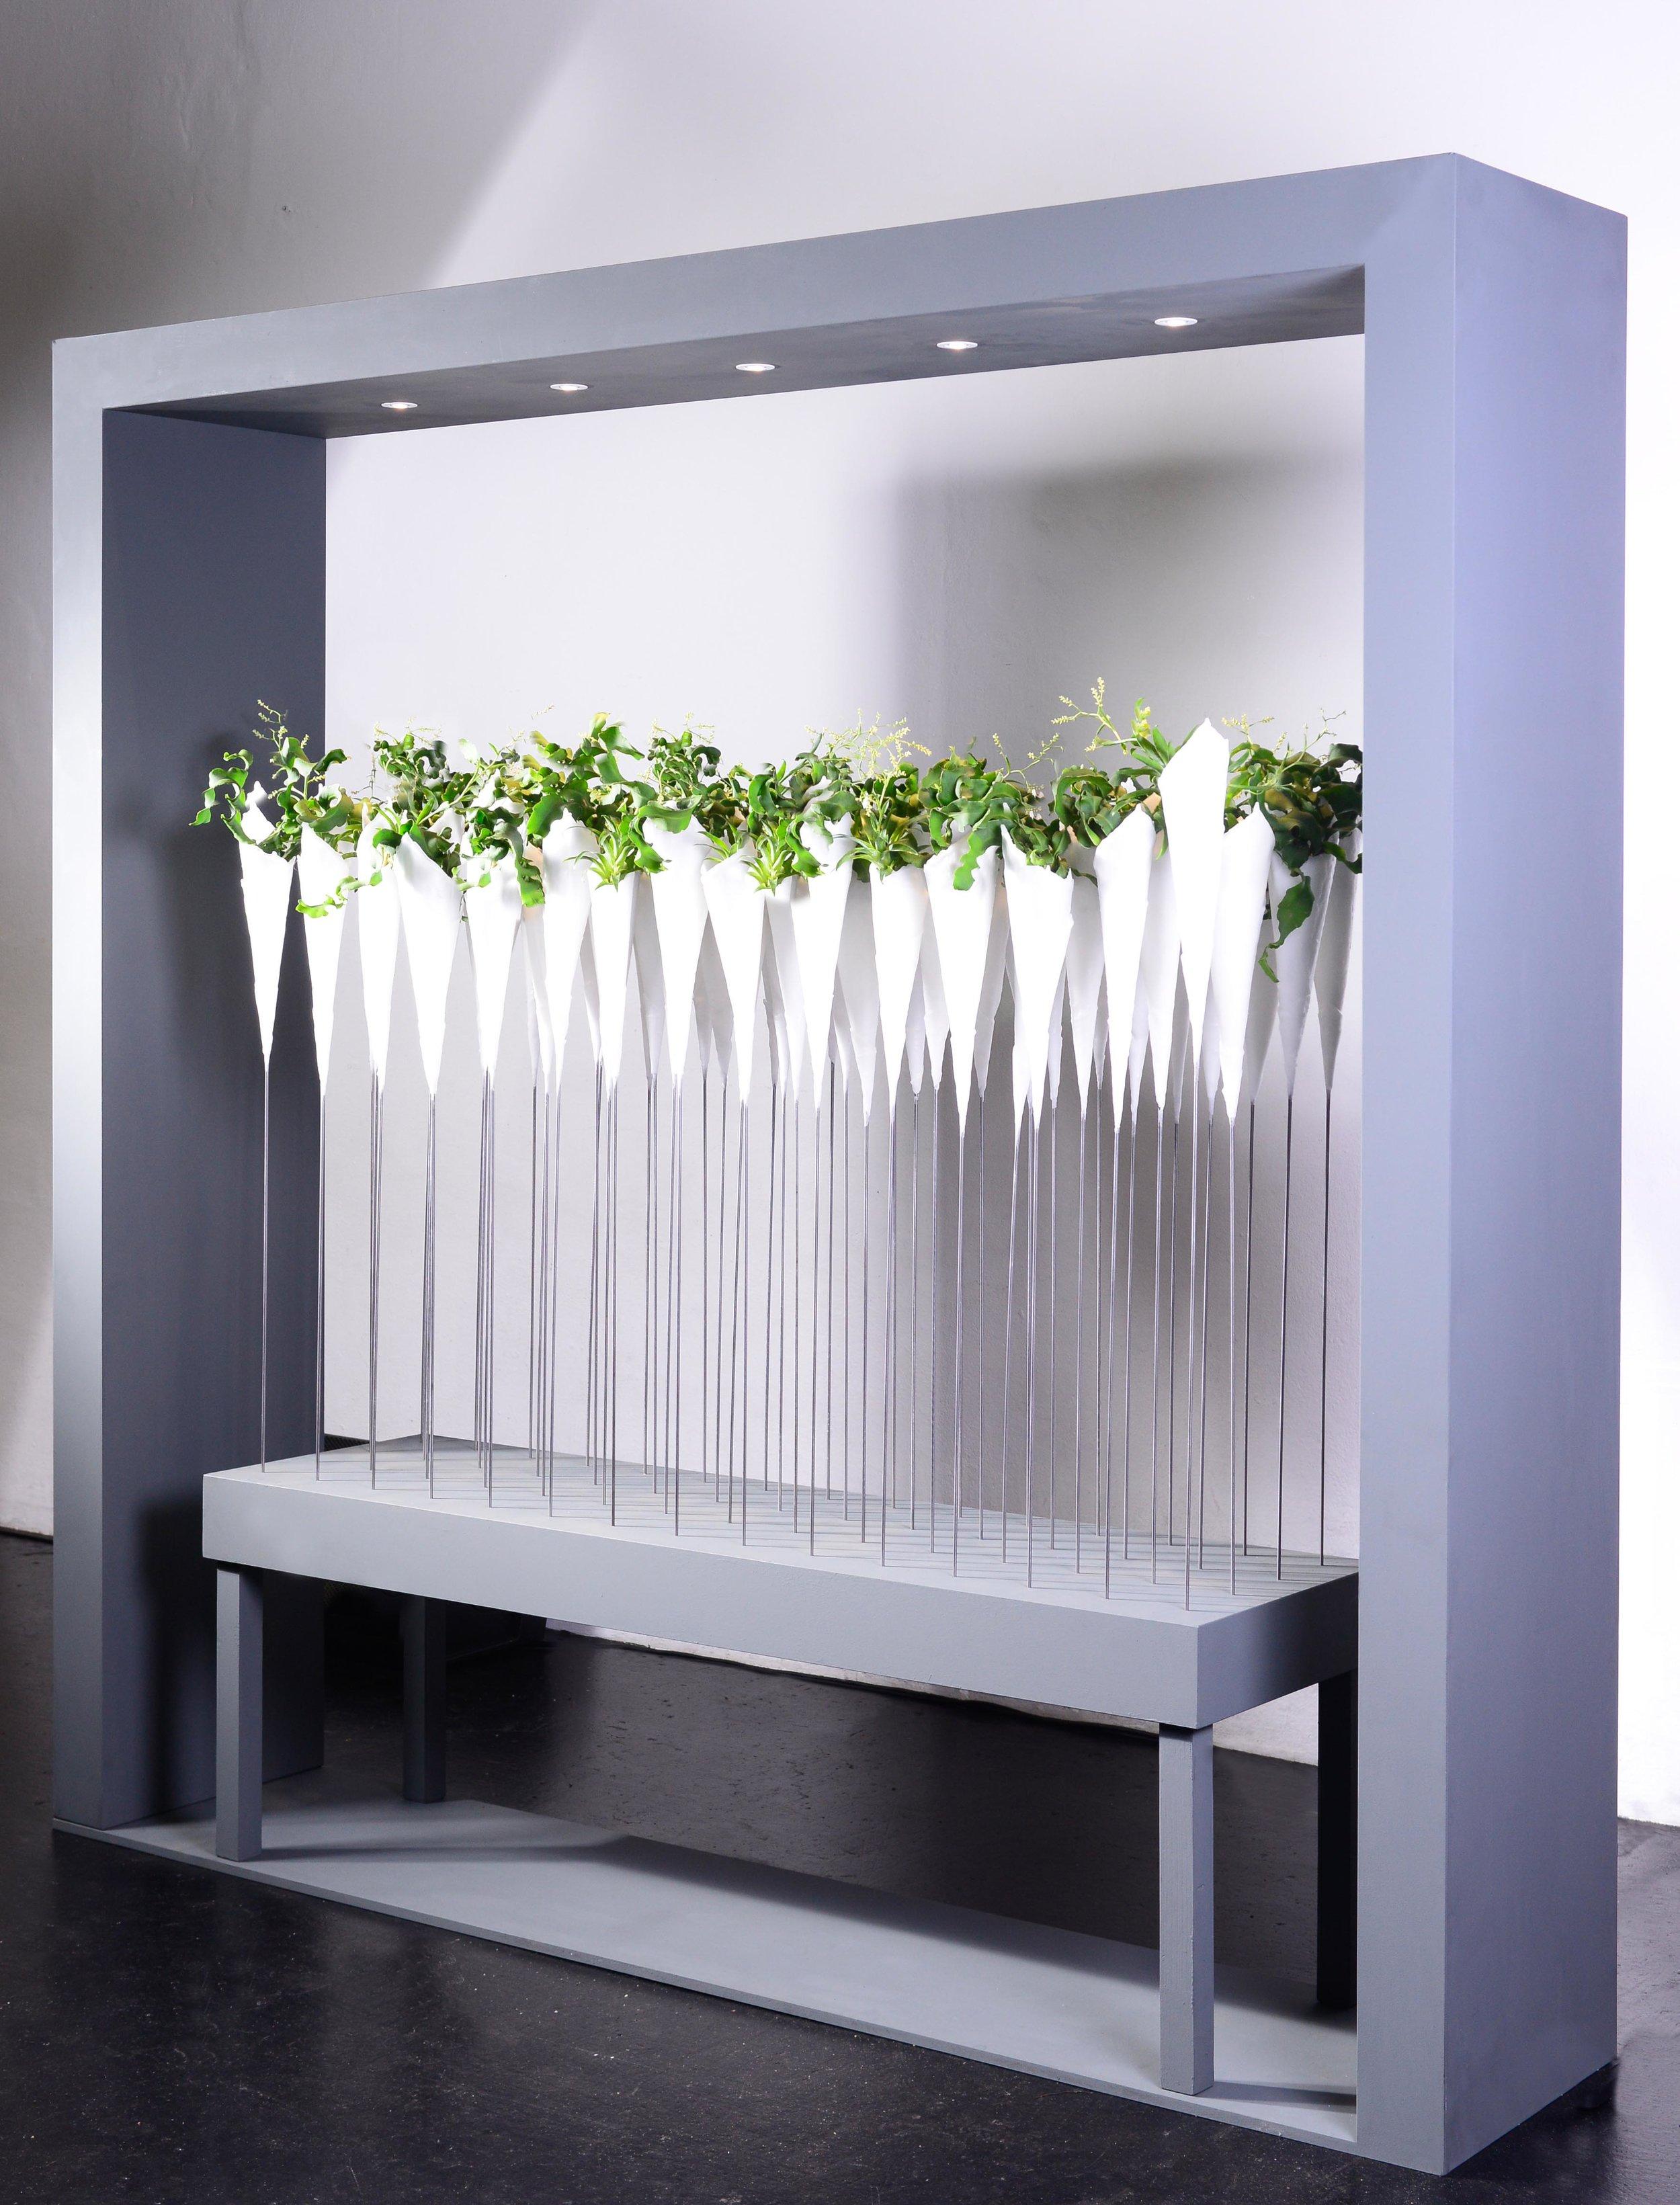 Dem Schweizer Shayne Phillips gelang eine Gestaltung, die eindrücklich zeigte, dass sich die Einzelpflanze auch in einer Gesamtheit behaupten kann.